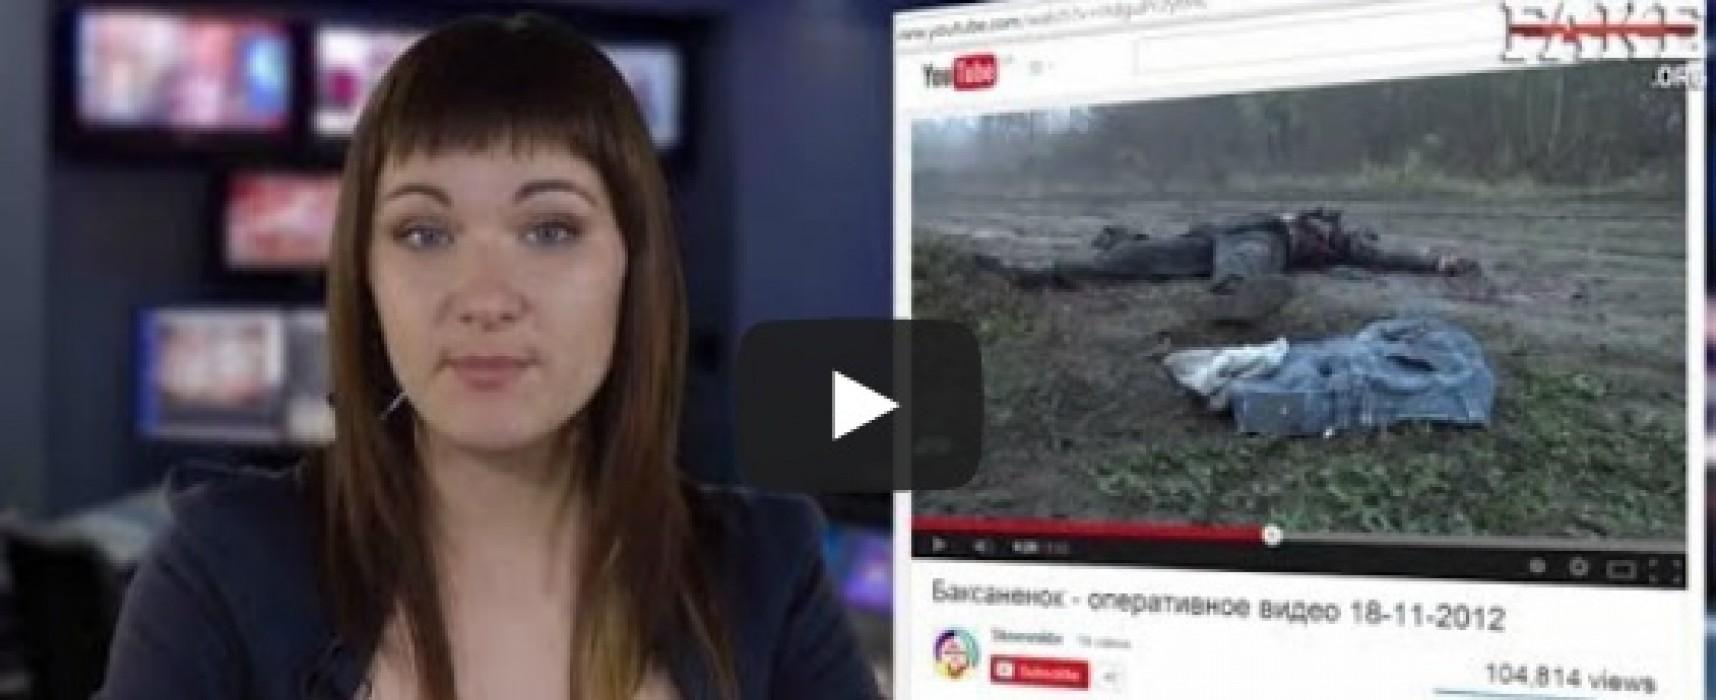 Недельный видеодайджест новостей от StopFake. Десятый выпуск.